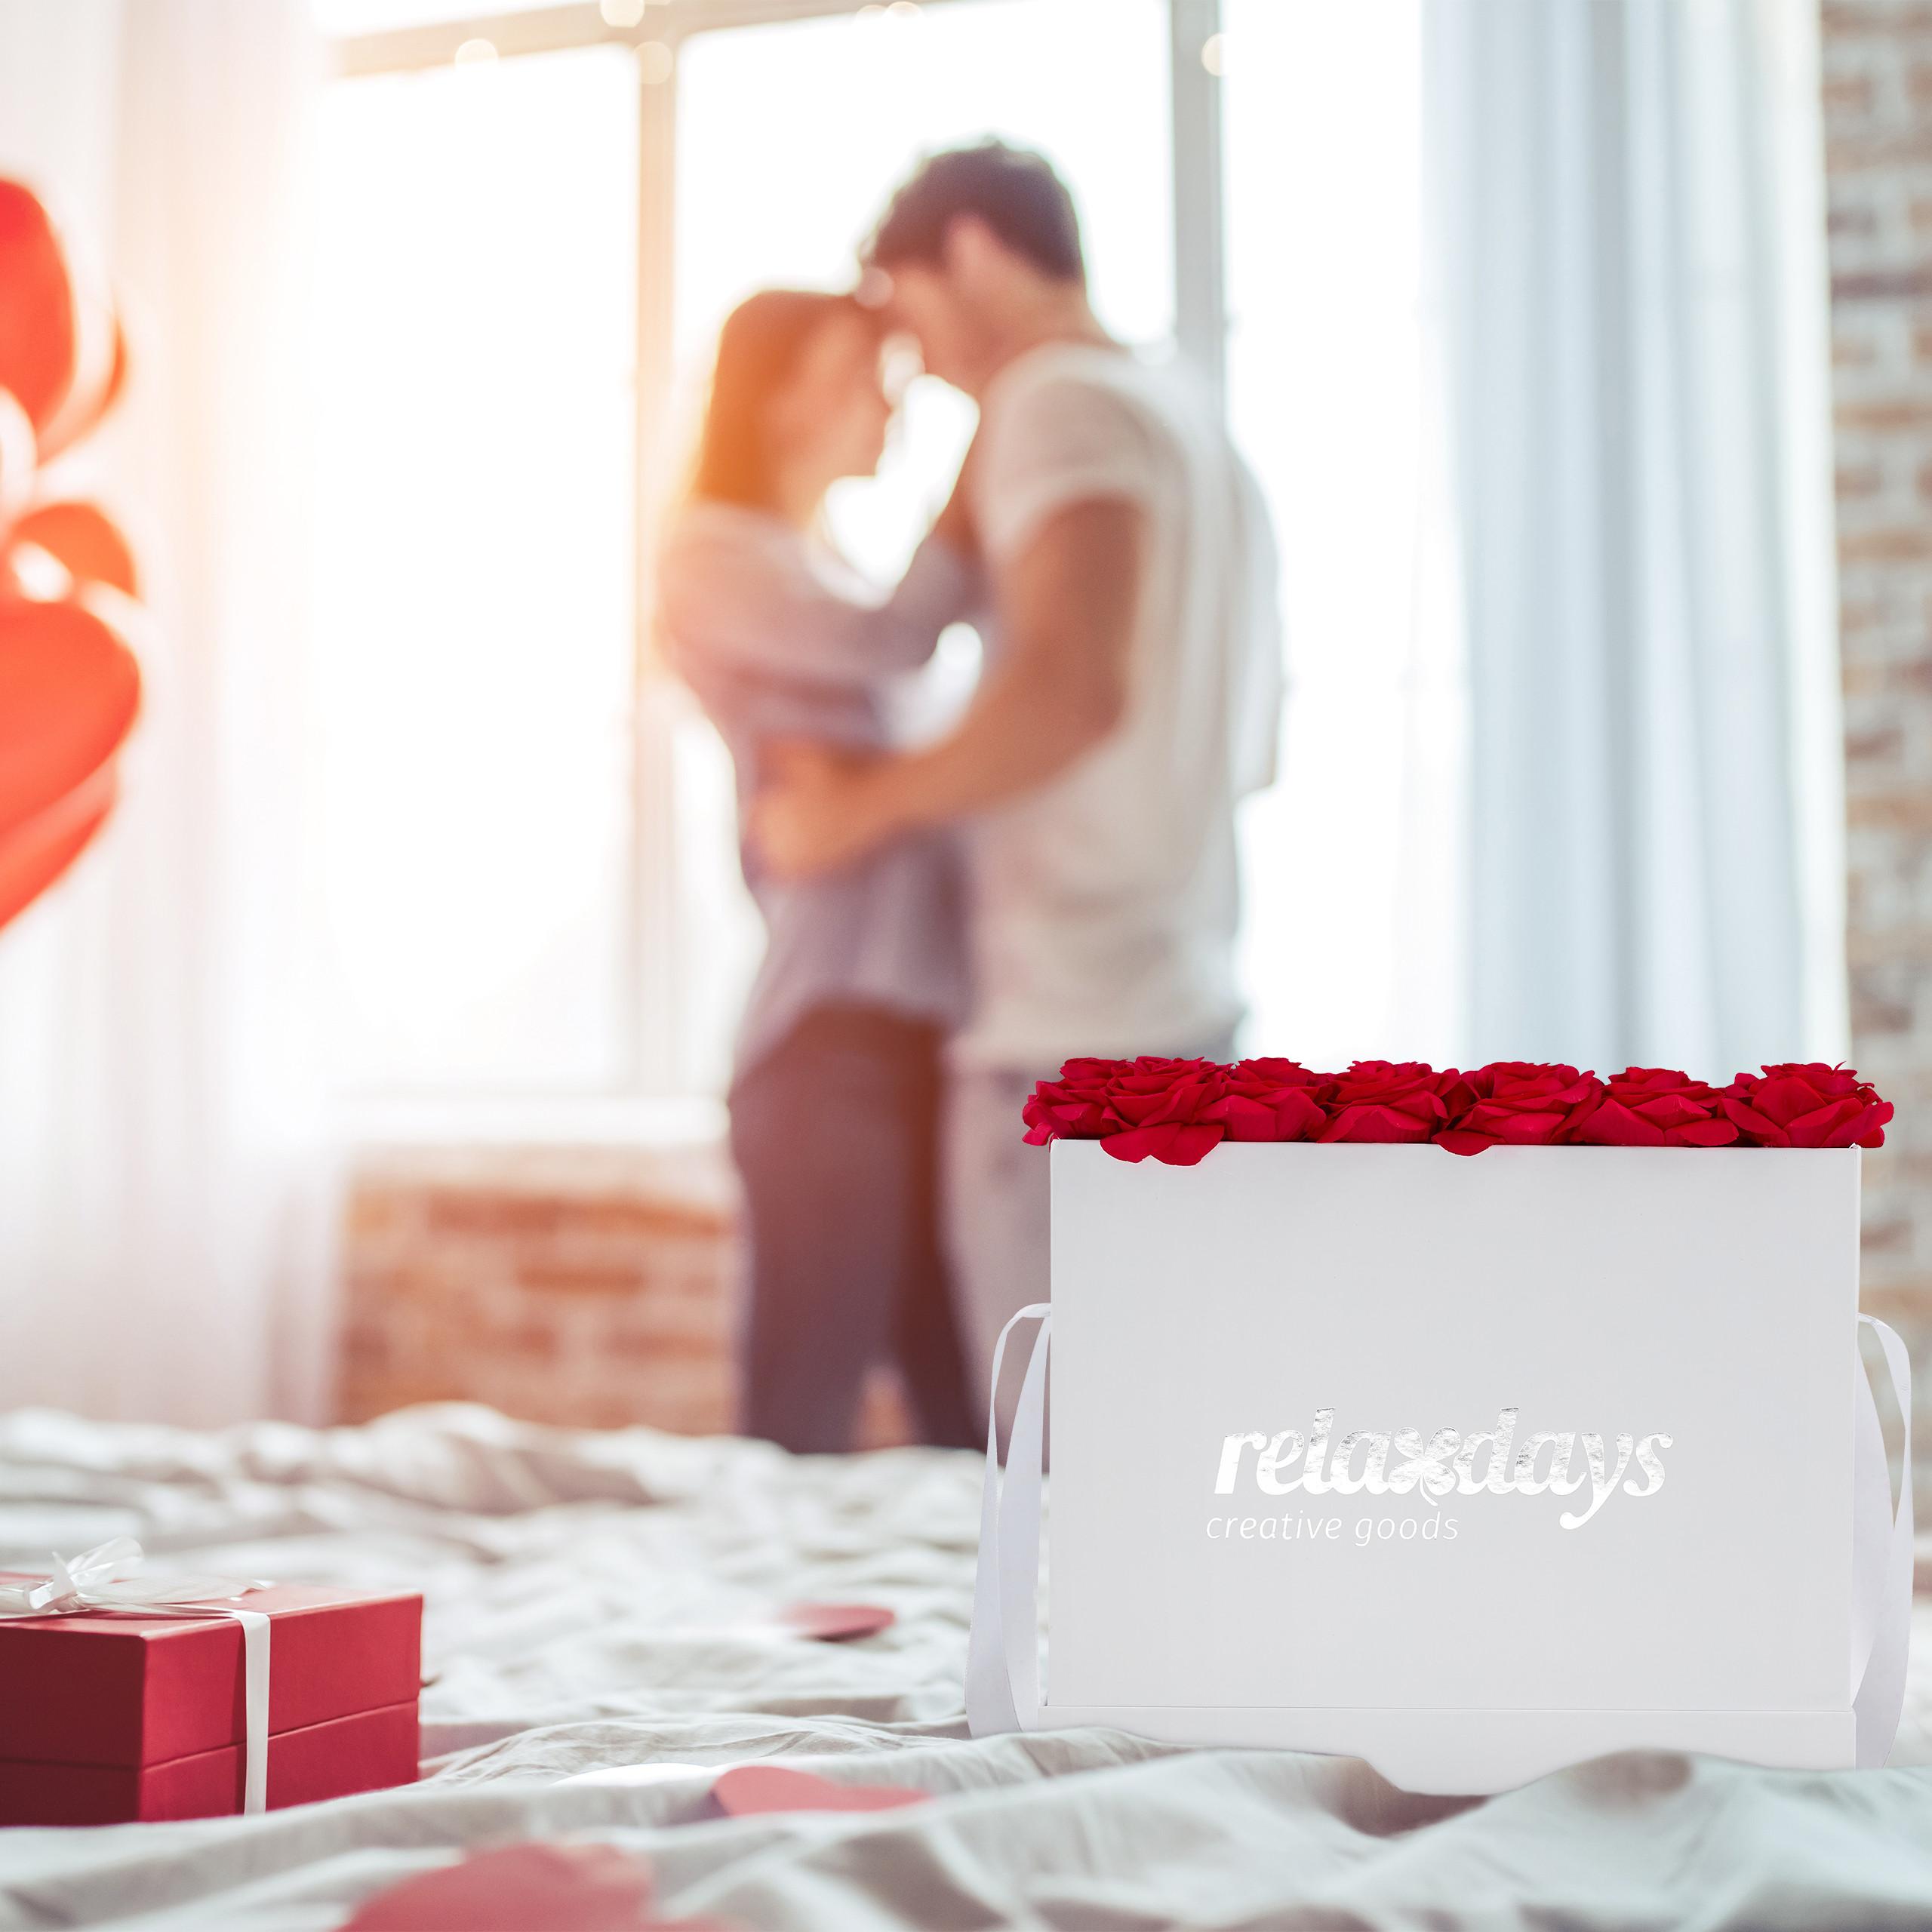 Rosenbox-Flowerbox-Ewige-Rosen-Blumenbox-49-Kunstblumen-eckig-Deko-Valentinstag Indexbild 15